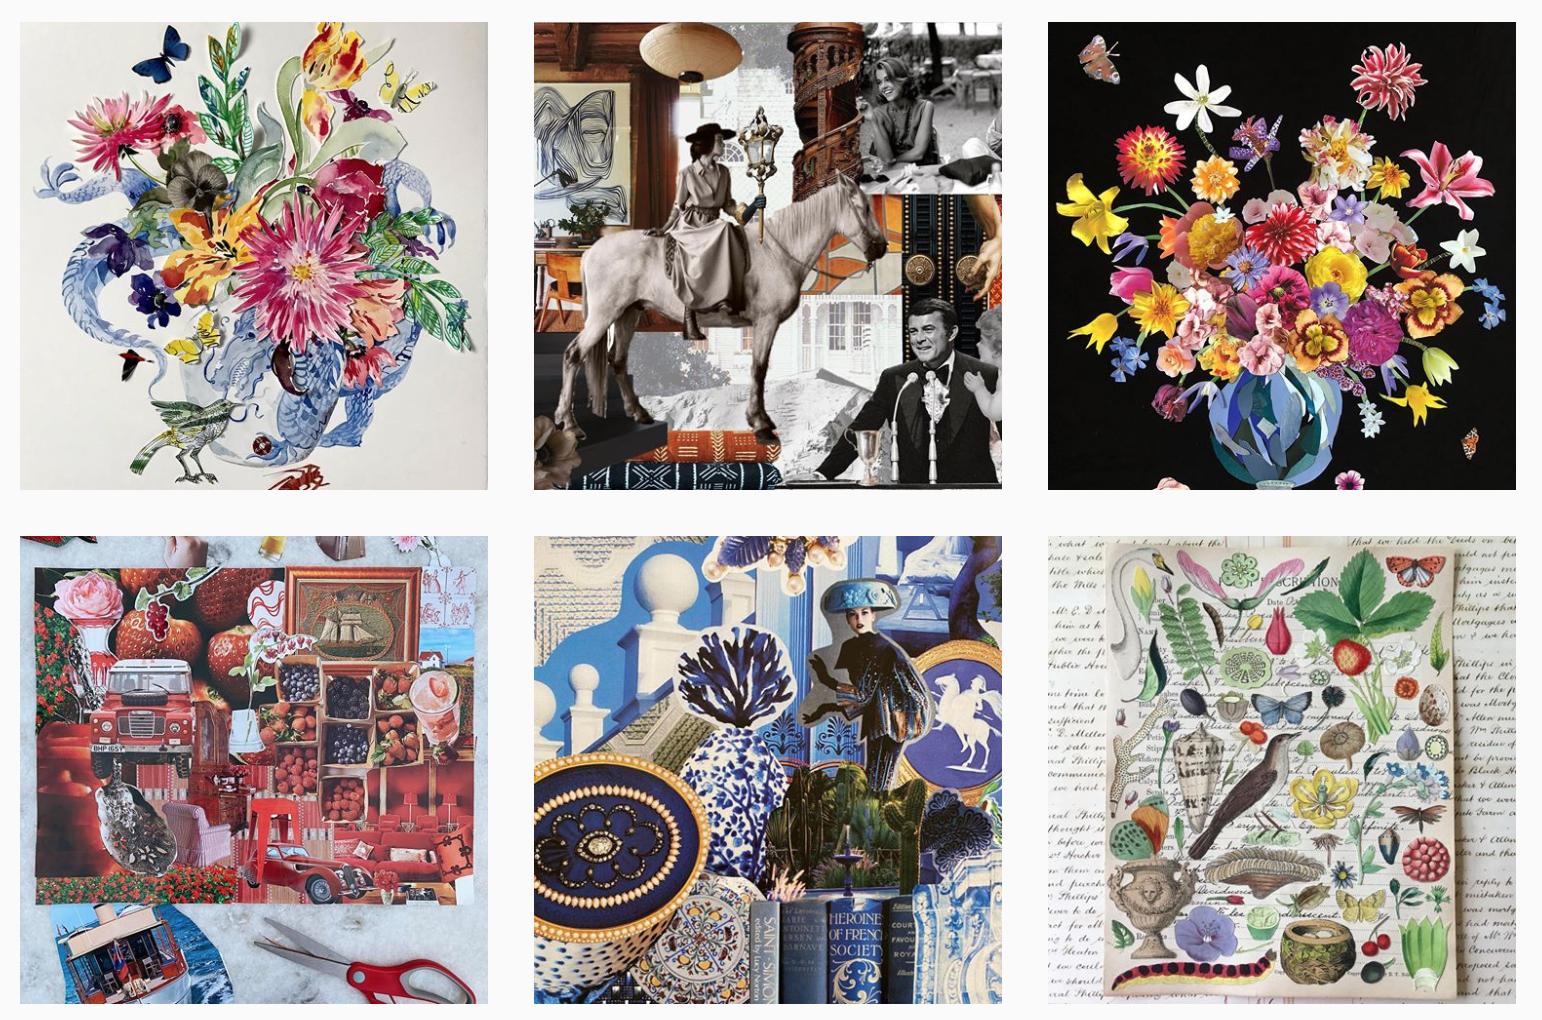 La challenge del collage, l'ultima mania (a fin di bene) degli interior designer su Instagram